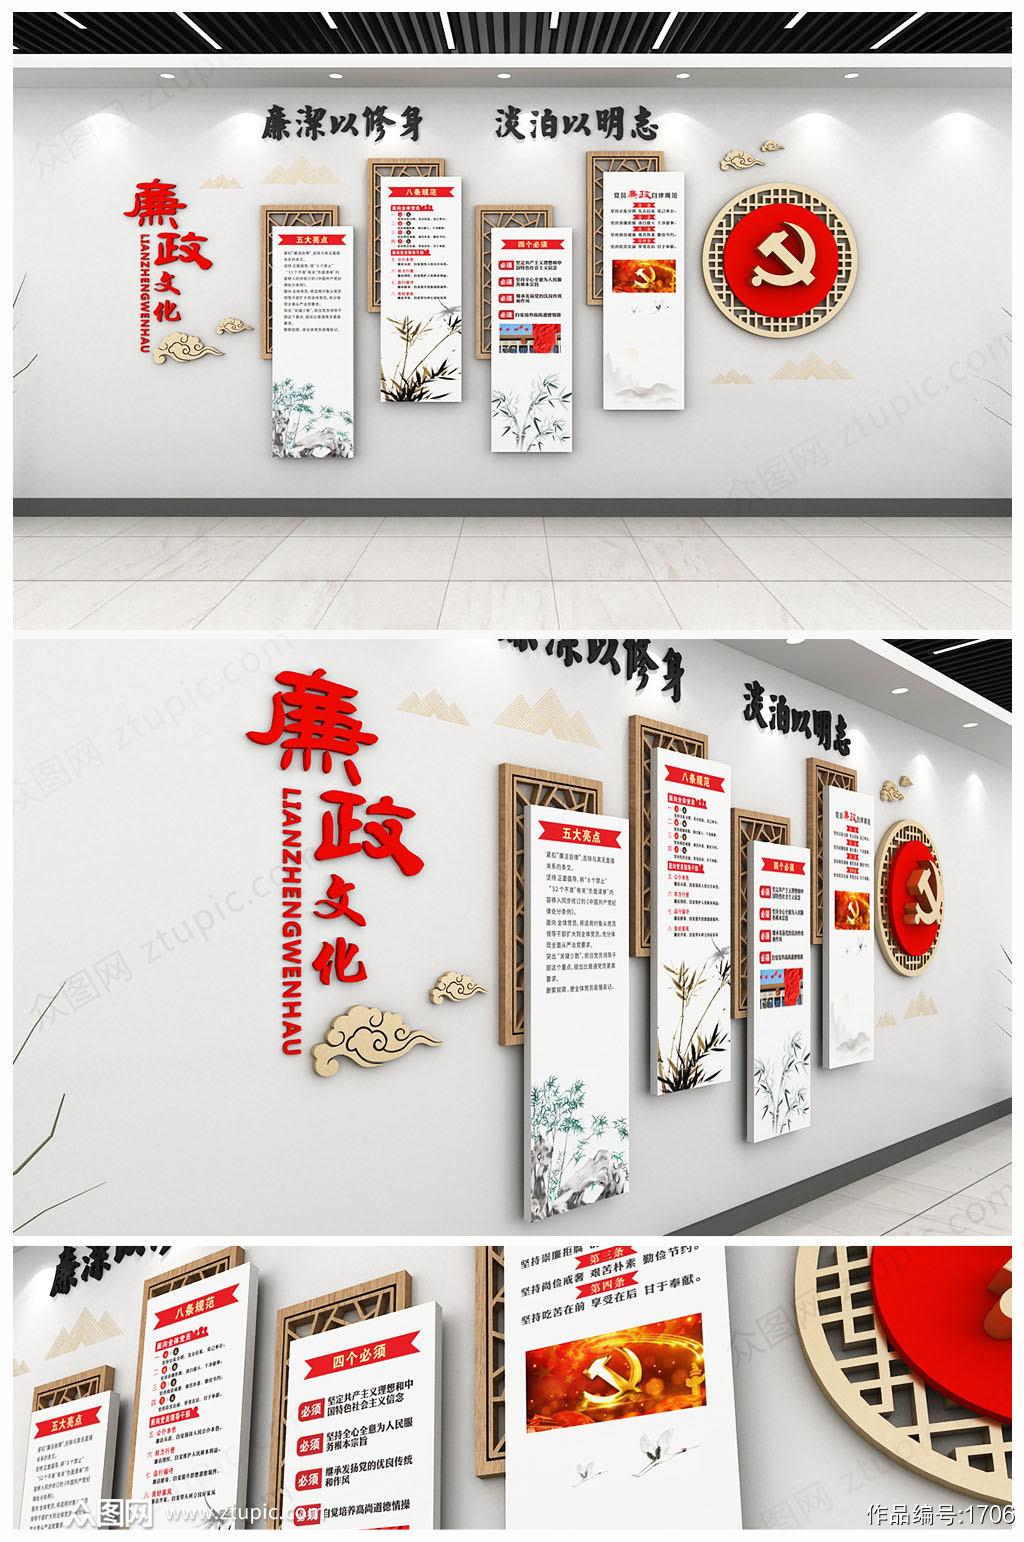 原创中国风党建廉政文化墙设计素材